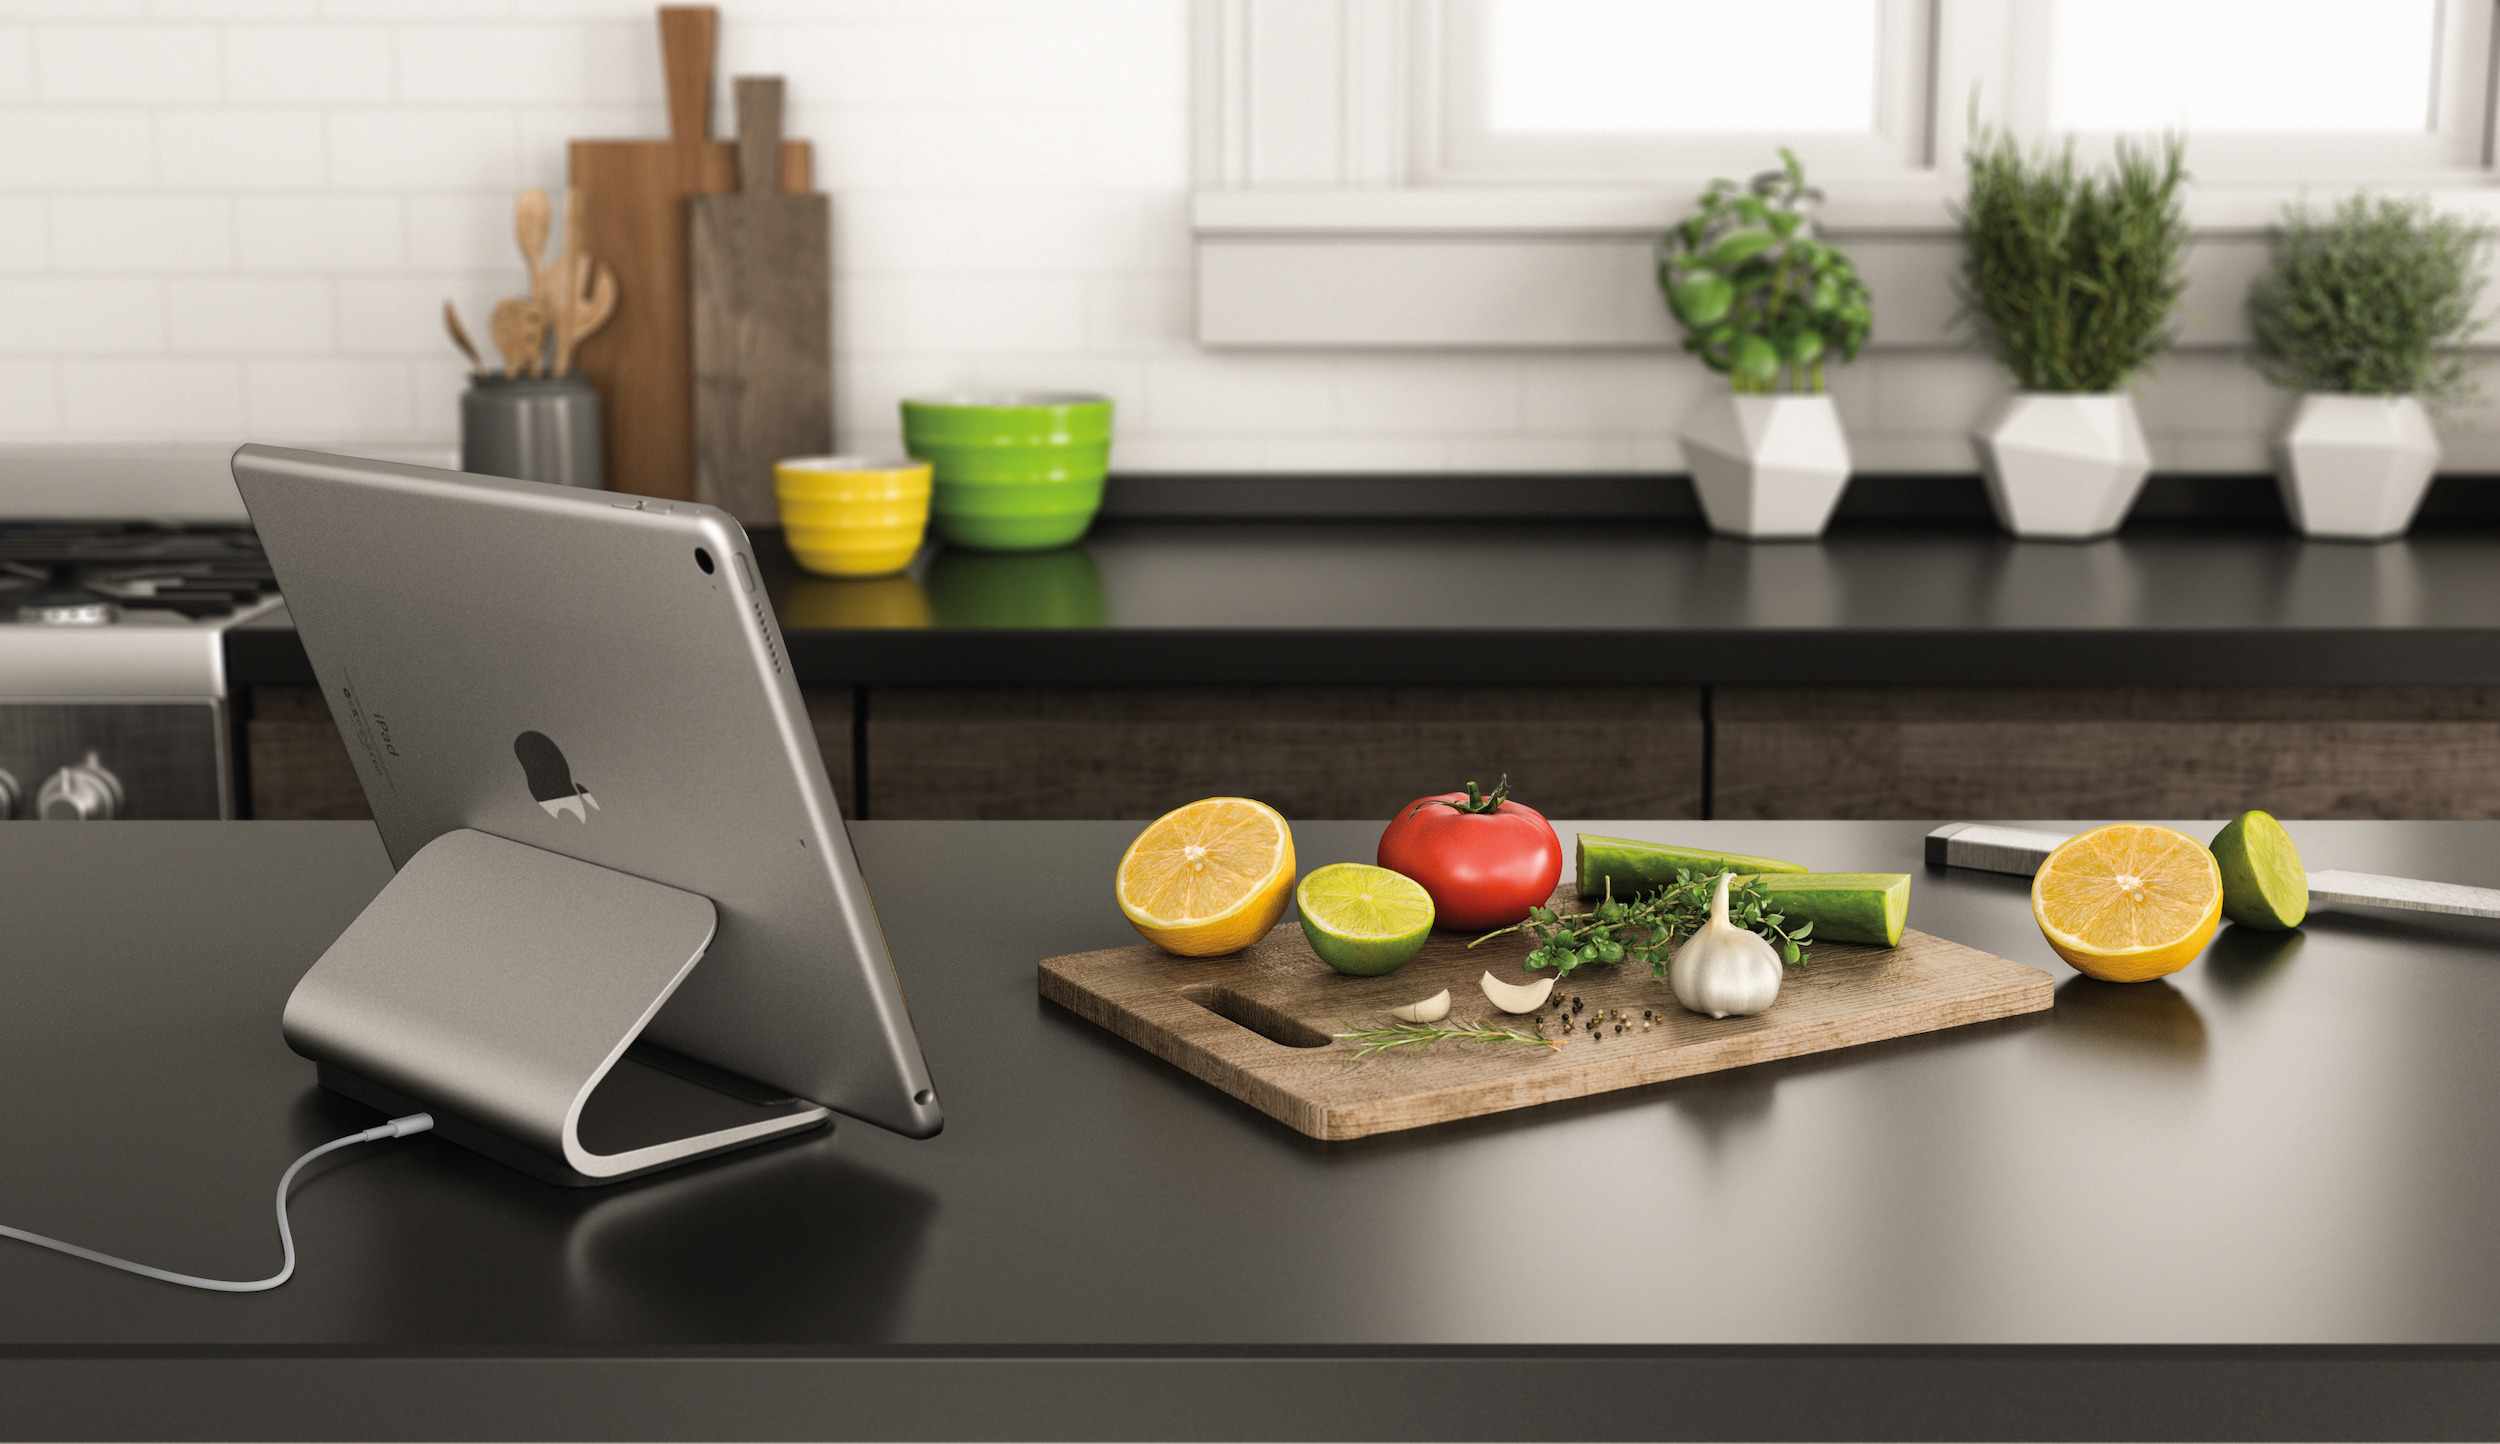 JPG 300 dpi (RGB)-BASE enviro Kitchen